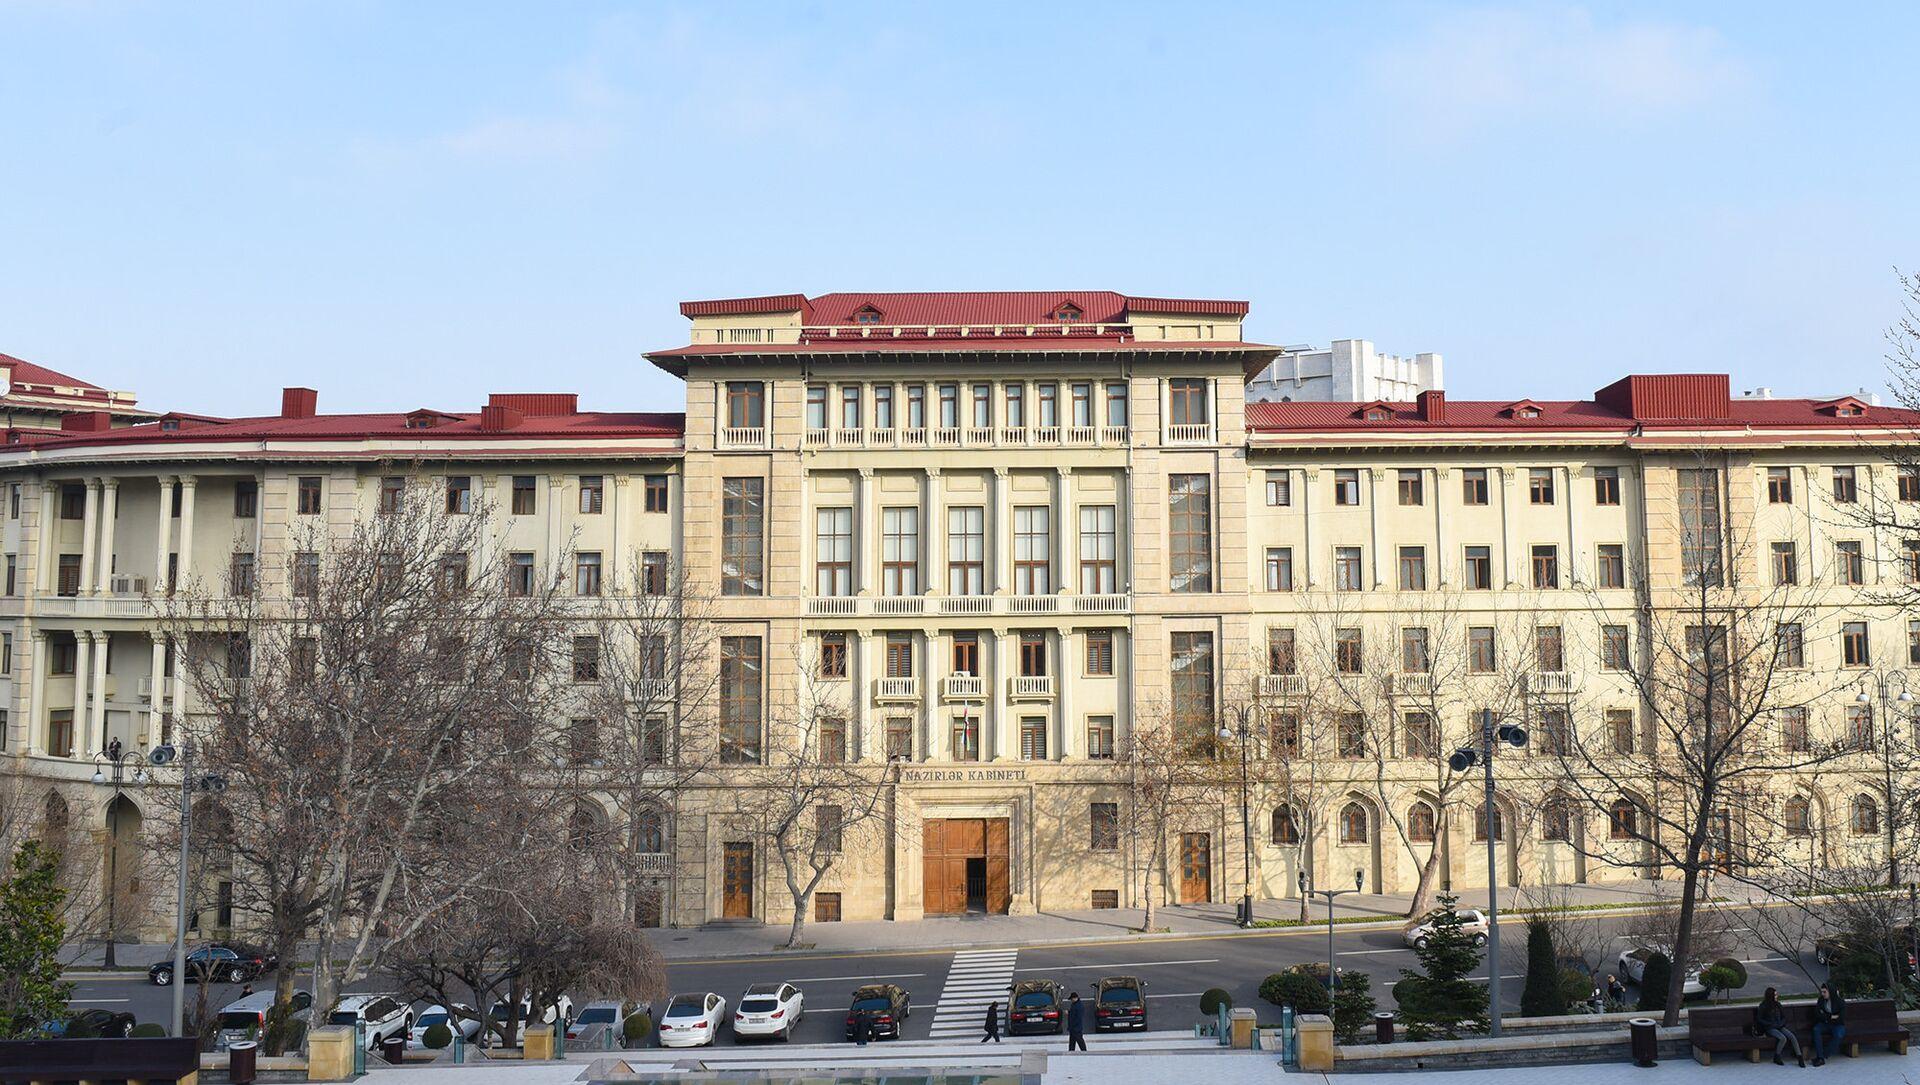 Кабинет министров Азербайджанской Республики - Sputnik Азербайджан, 1920, 20.04.2021